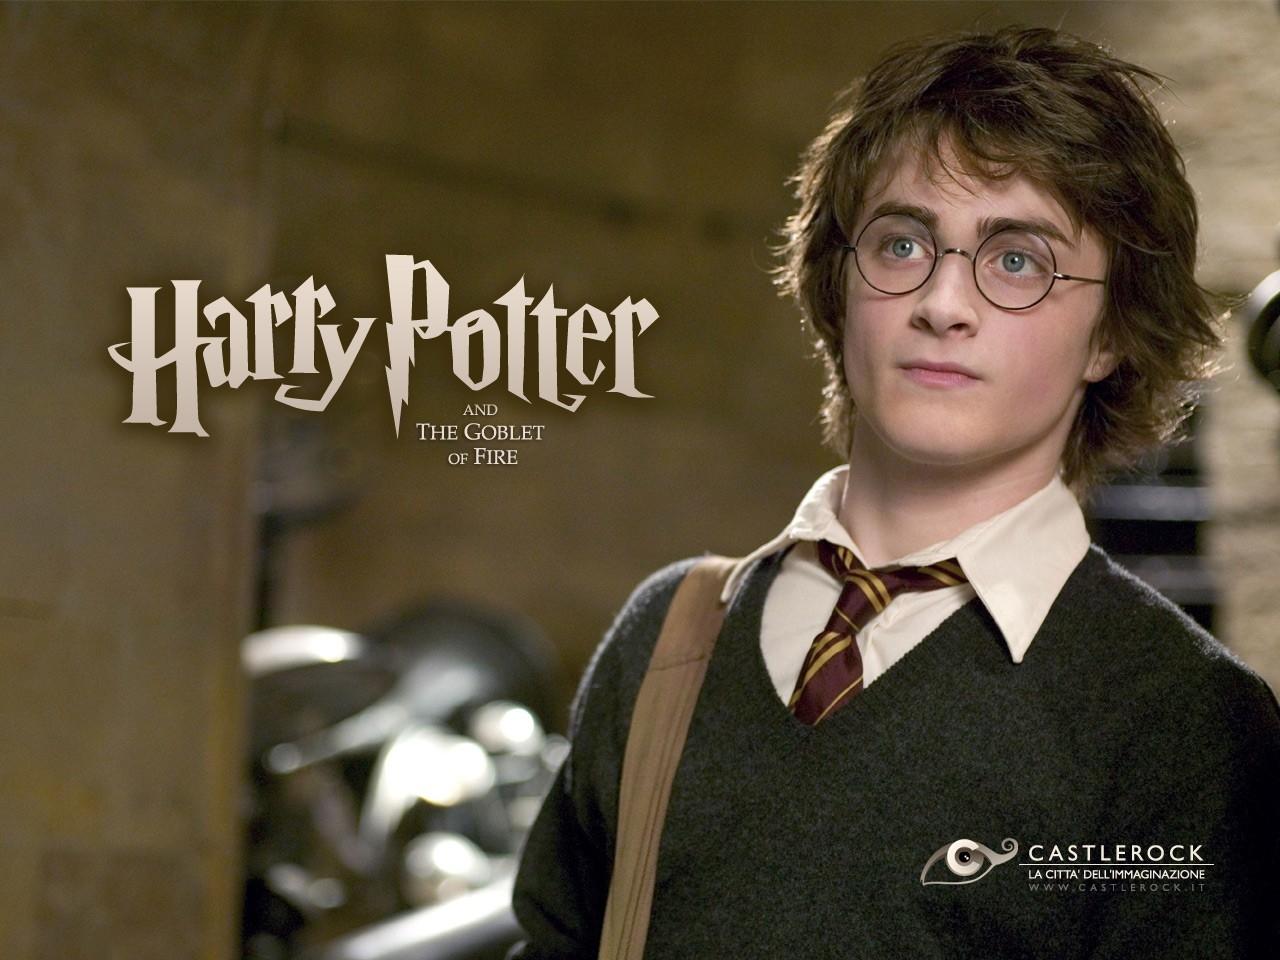 Wallpaper del film Harry Potter e il calice di fuoco con Daniel Radcliffe